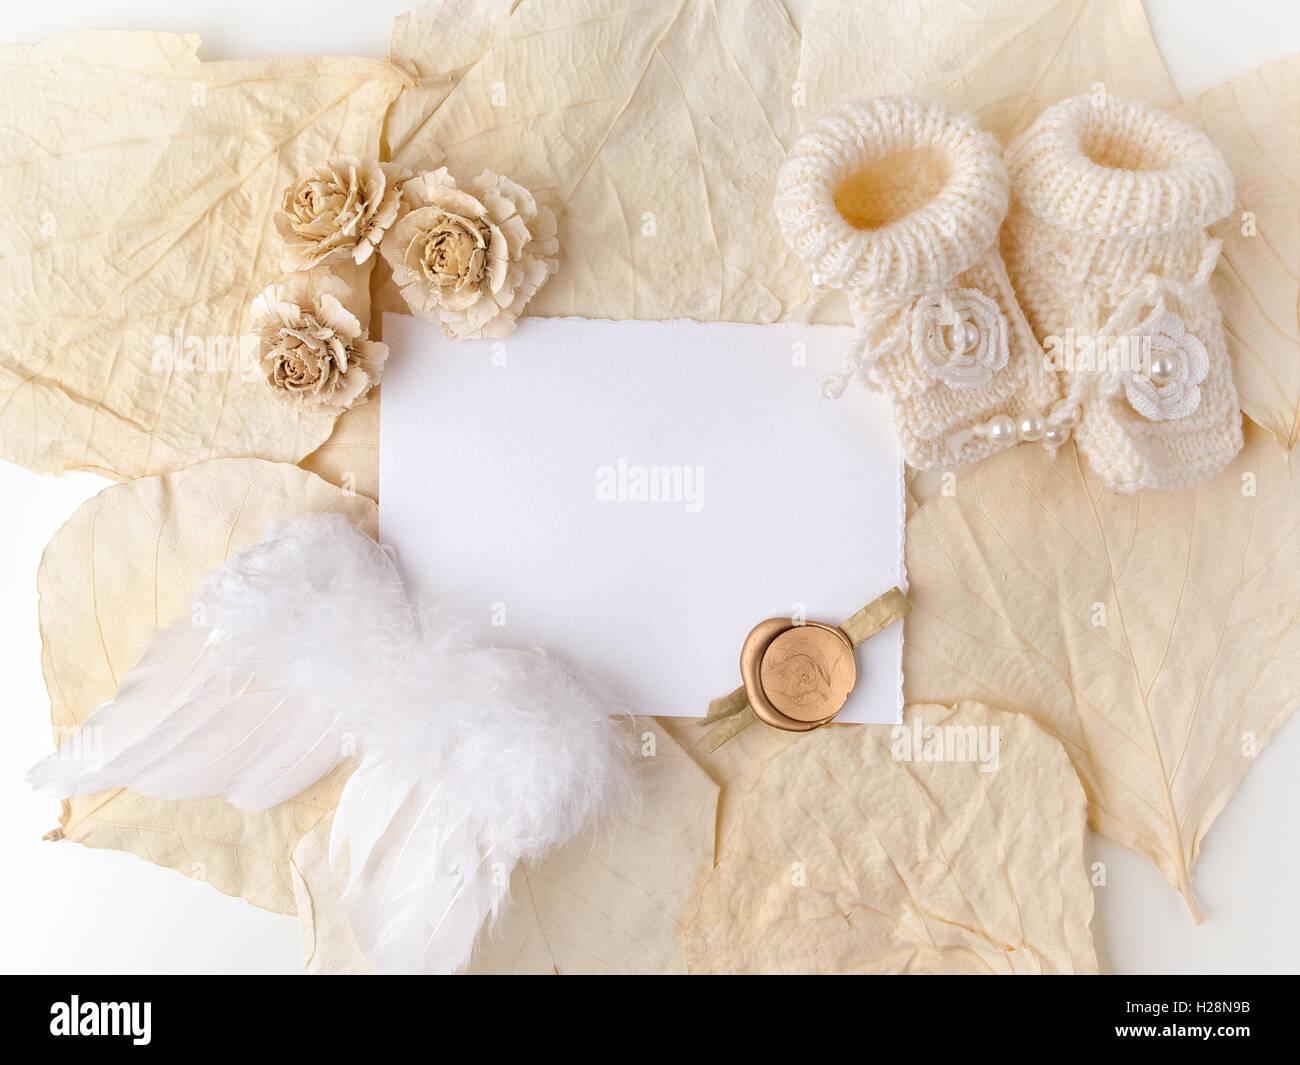 Nouvelle Naissance Ou Baptême Carte De Vœux Papier Blanc